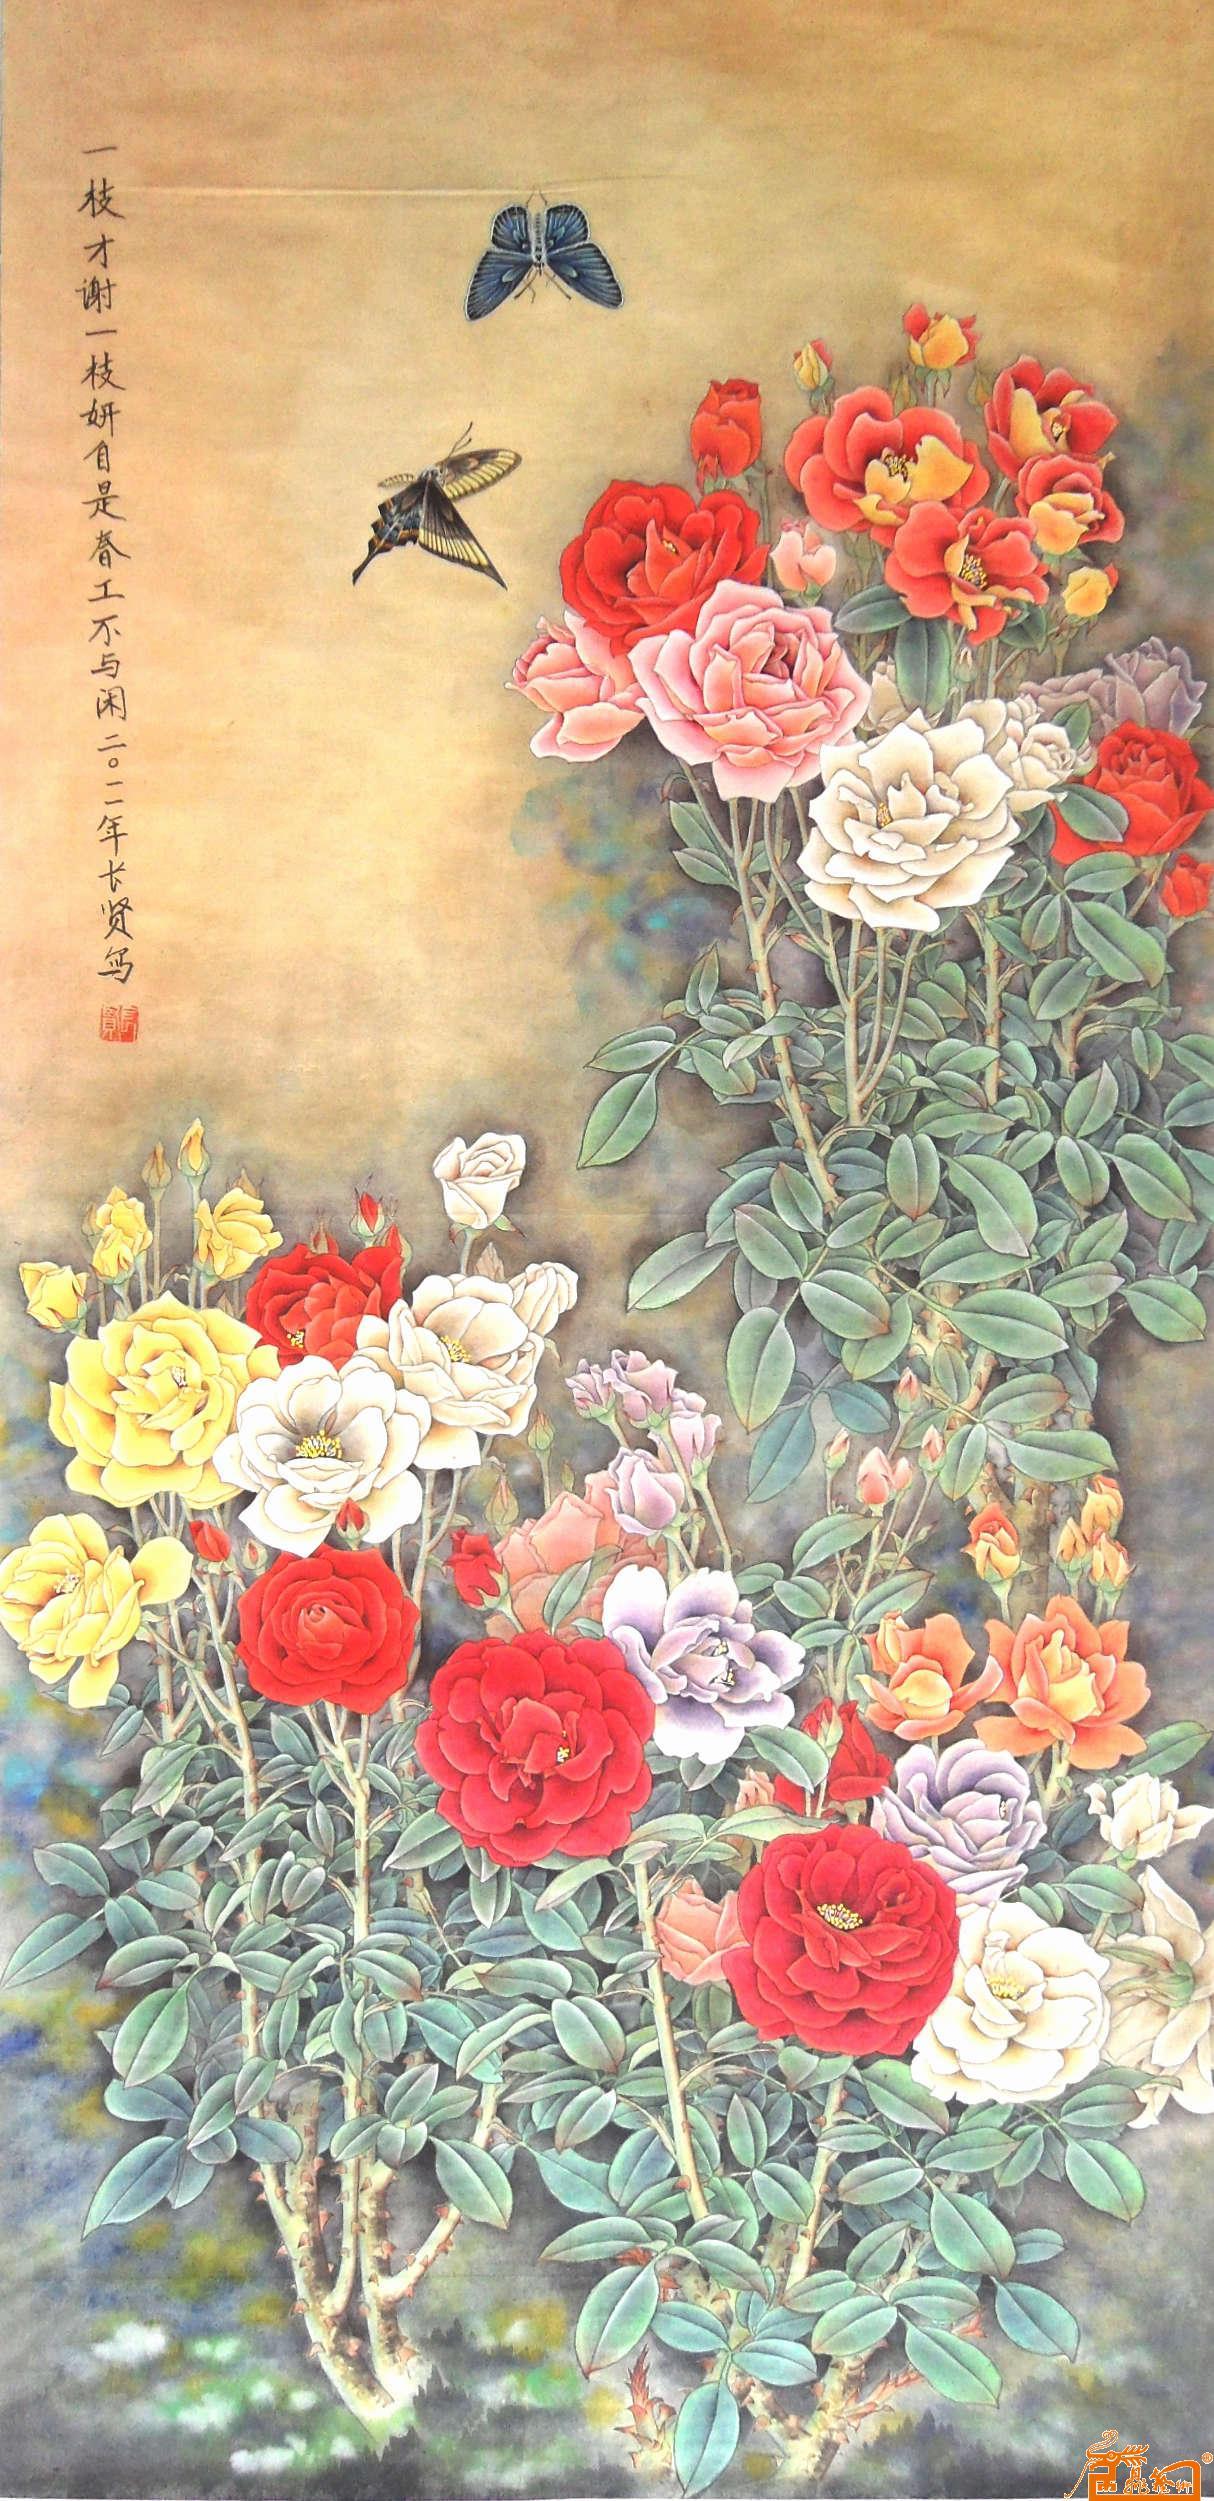 李长贤李长贤 月季1李长贤艺术作品大全 书法绘画三